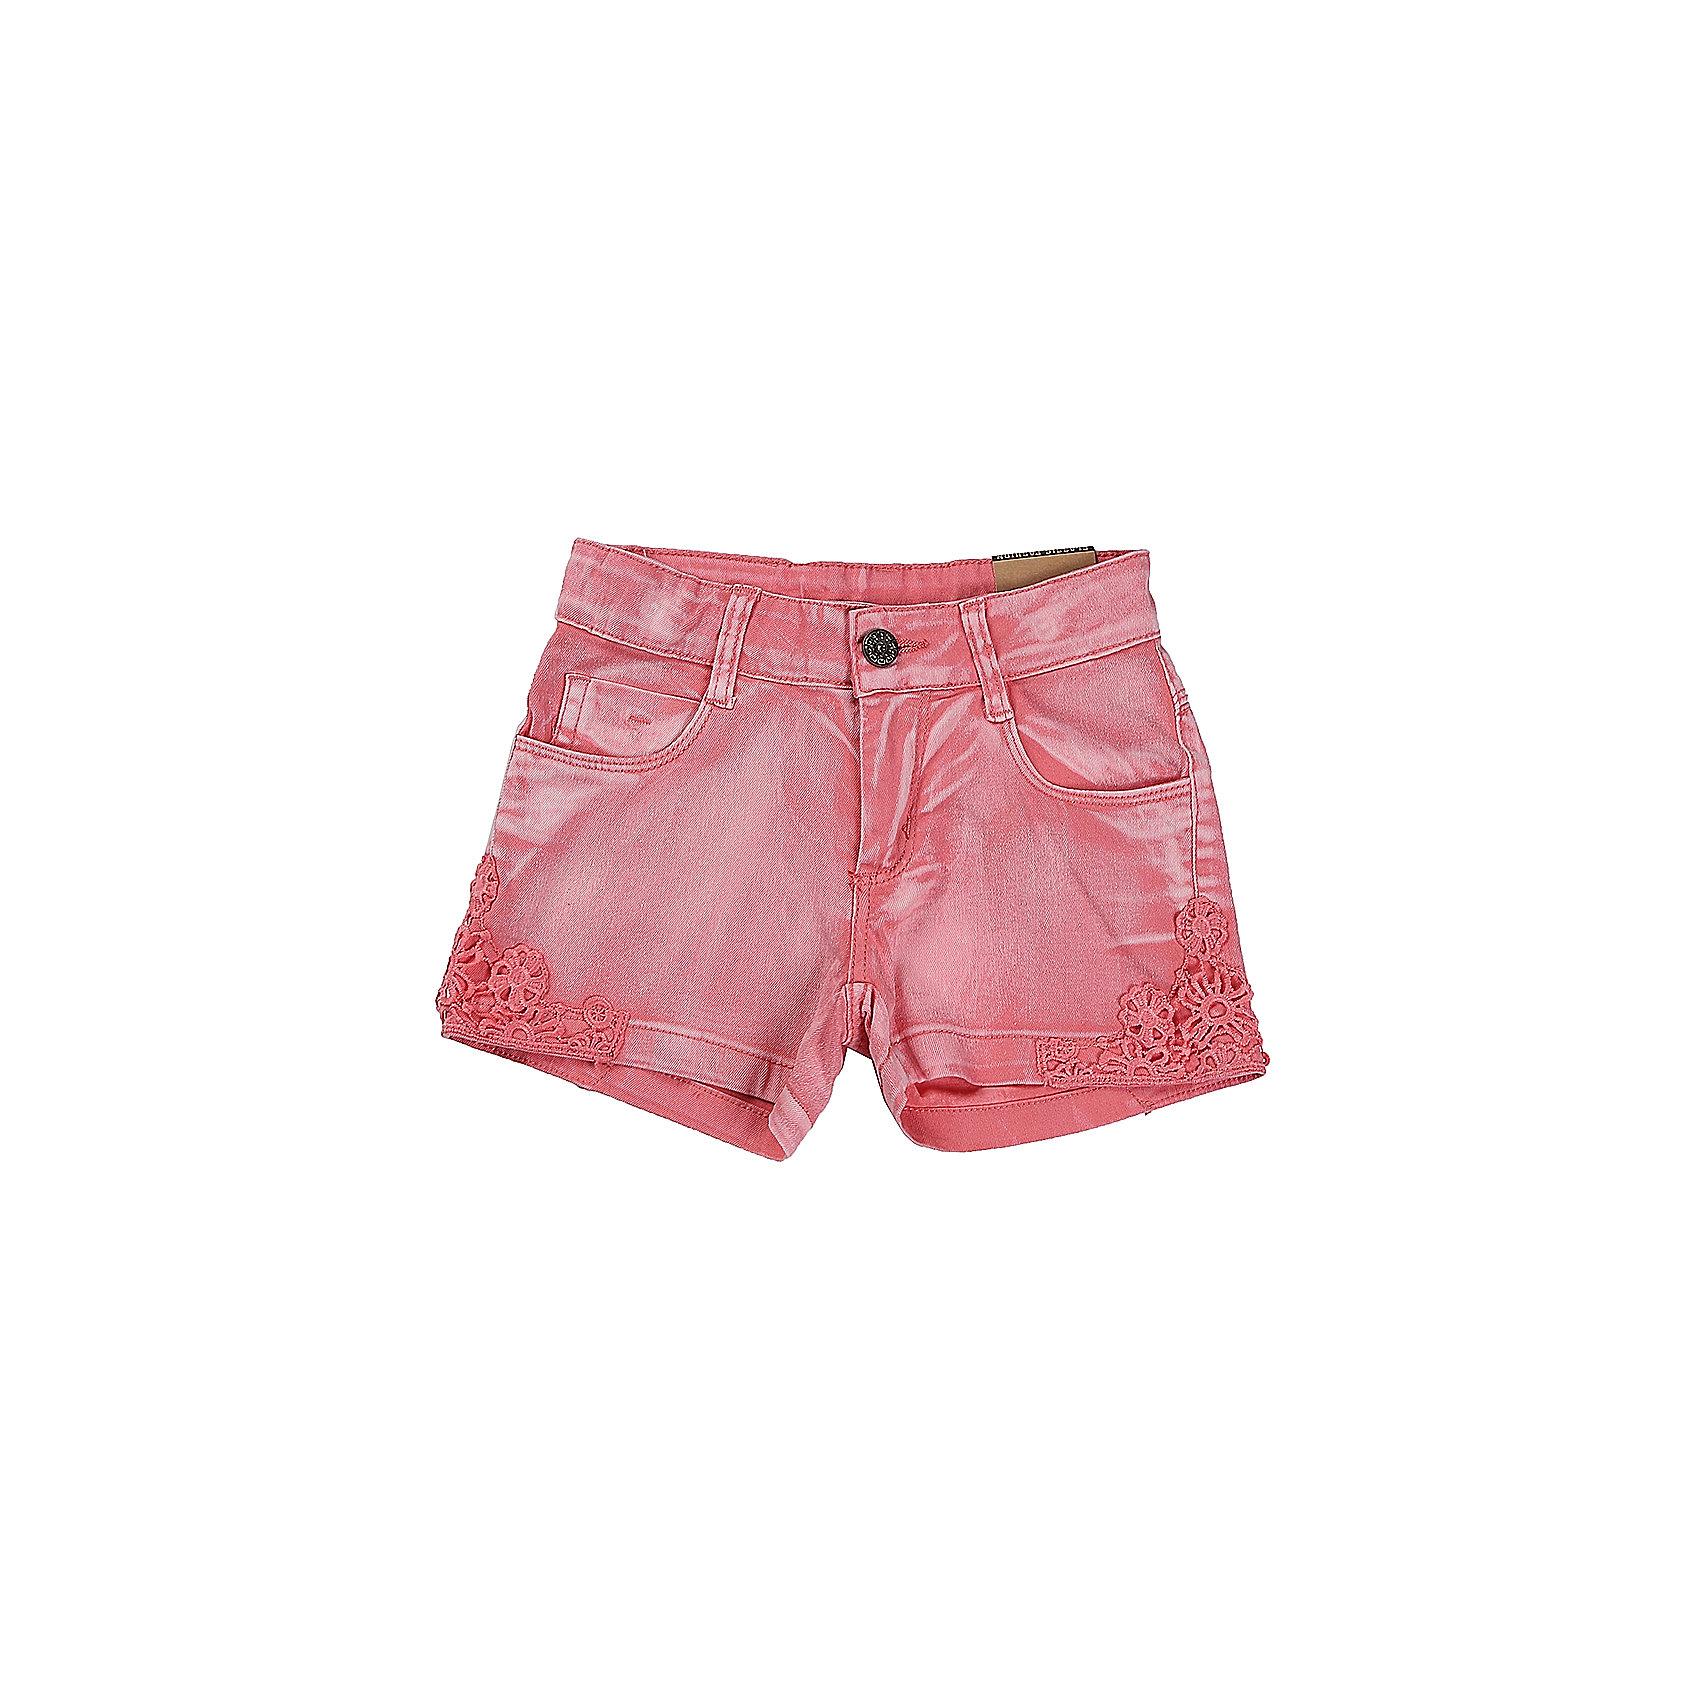 Шорты джинсовые для девочки LuminosoДжинсовая одежда<br>Коралловые шорты для девочки декорированой плетеным кружевом. Два боковых кармана. В боковой части пояса находятся вшитые эластичные ленты, регулирующие посадку по талии.<br>Состав:<br>98%хлопок 2%эластан<br><br>Ширина мм: 191<br>Глубина мм: 10<br>Высота мм: 175<br>Вес г: 273<br>Цвет: розовый<br>Возраст от месяцев: 96<br>Возраст до месяцев: 108<br>Пол: Женский<br>Возраст: Детский<br>Размер: 134,140,146,152,158,164<br>SKU: 5413263